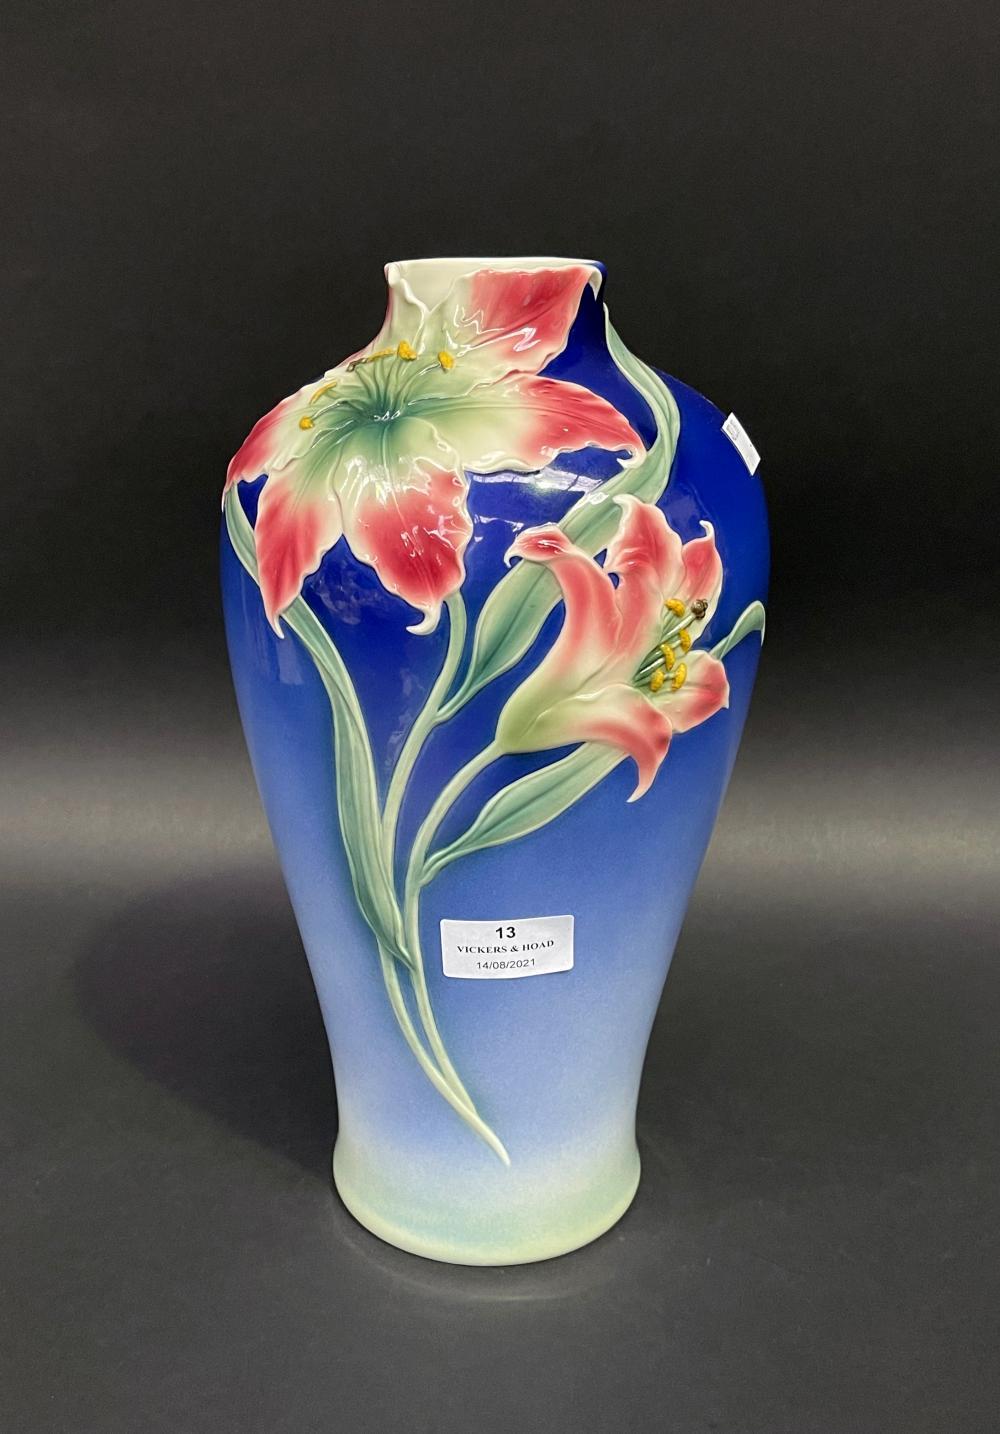 Decorative Franz Art Nouveau style vase, approx 32cm H